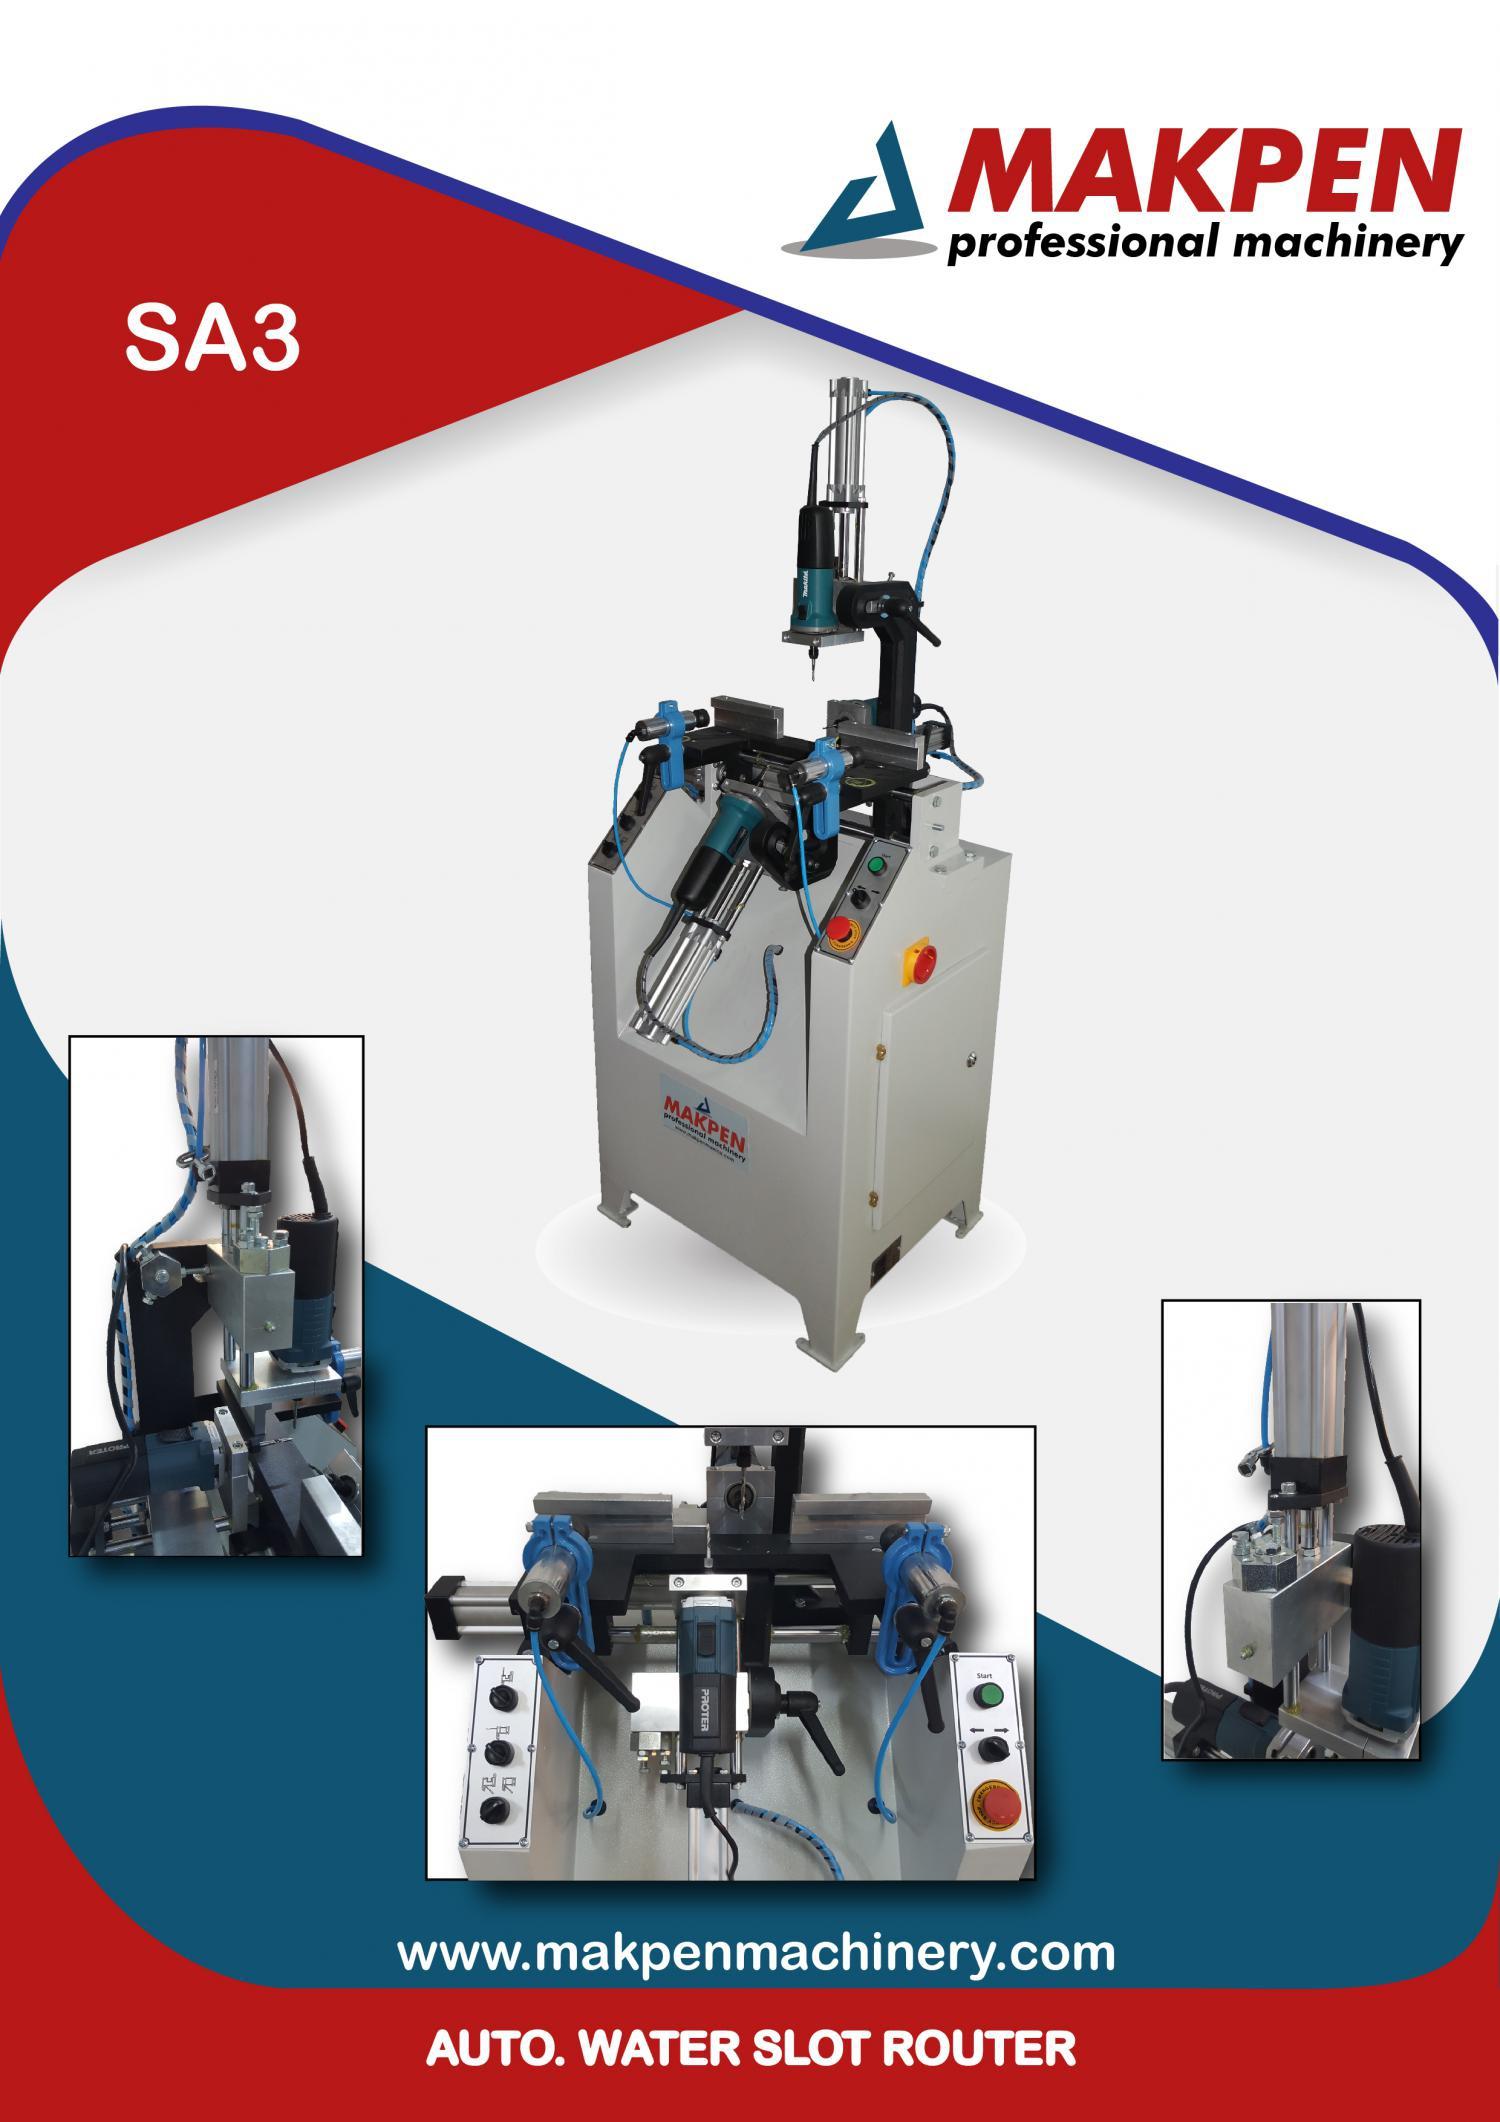 SA3- Автоматический станок с тройным сверлением водосточных каналов